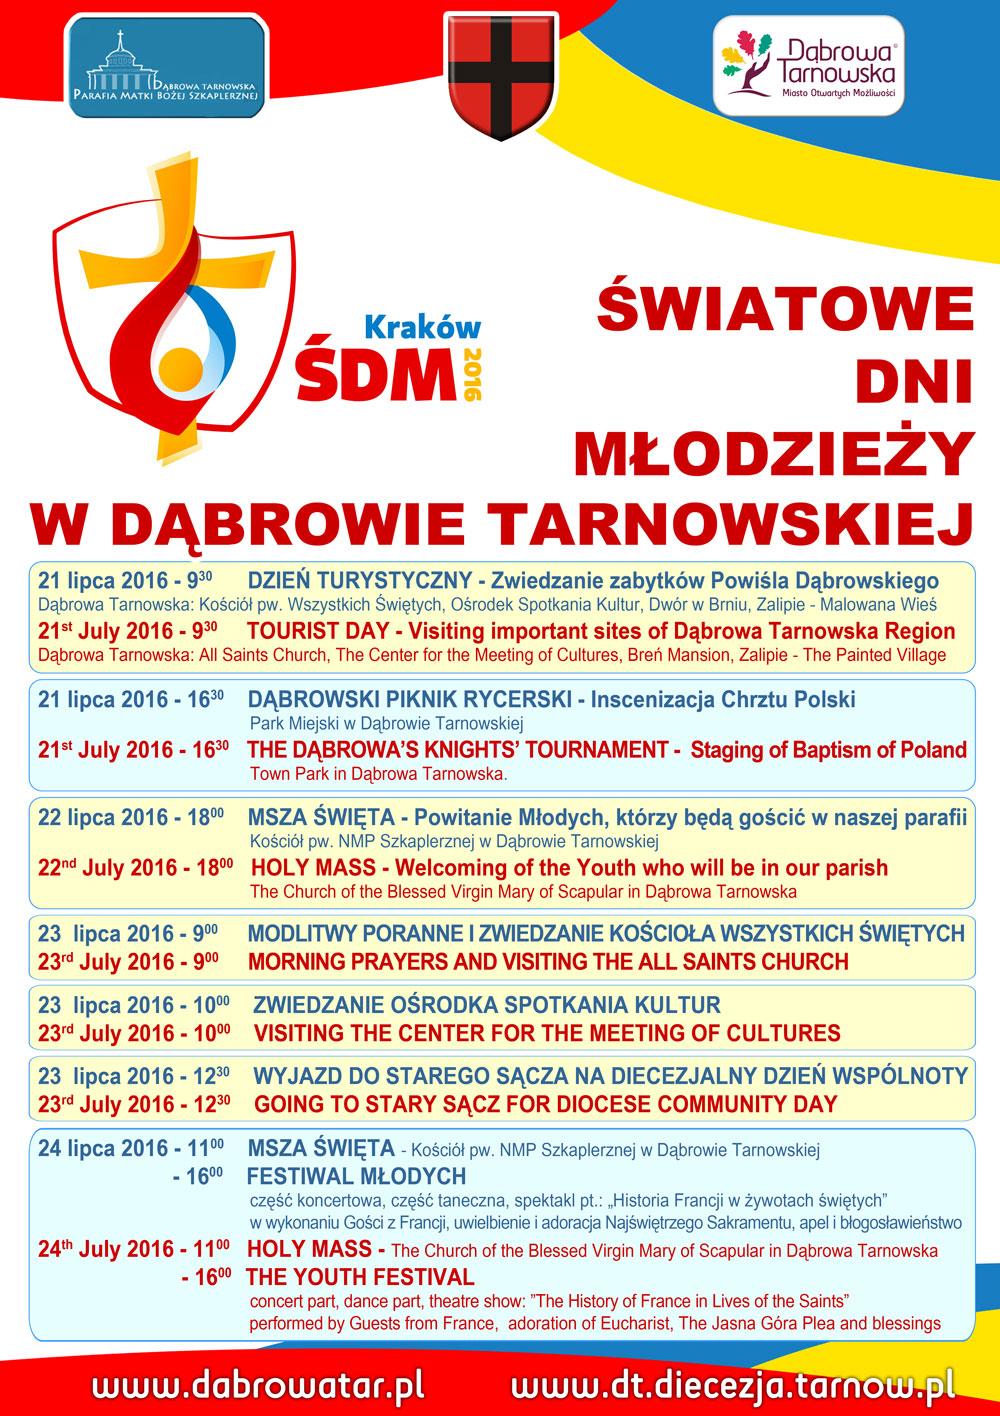 ŚDM DąbrowaTarnowska 2016 Zapraszamy na niezwykłe wydarzenia Tygodnia Misyjnego przed Światowymi Dniami Młodzieży